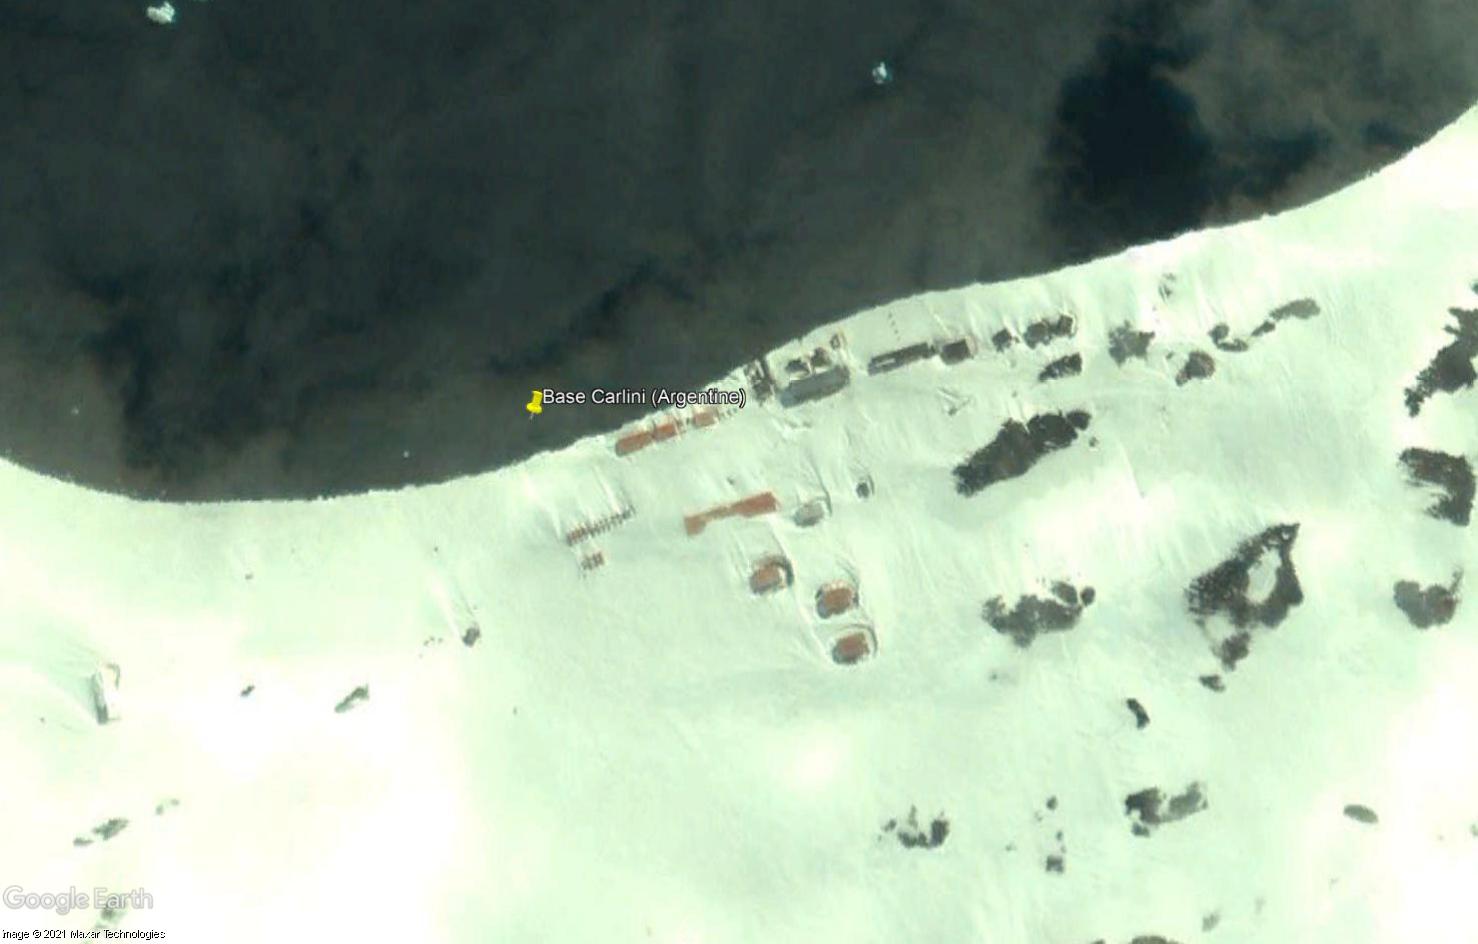 DEFI COLLECTIF : à la recherche des stations scientifiques de l'Antarctique avec Google Earth - Page 8 Tsge2060